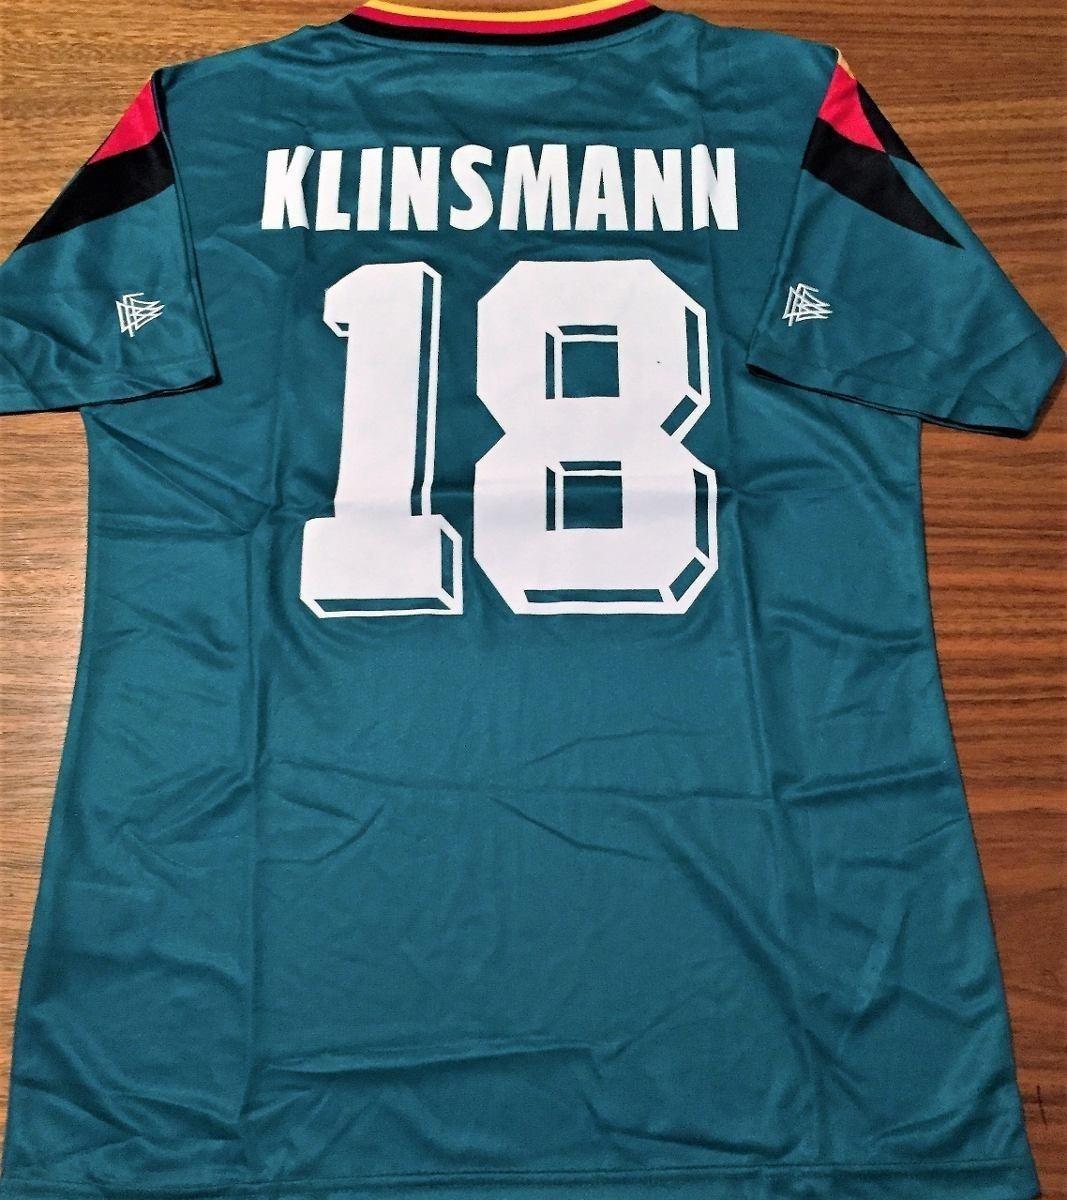 cd254fe2c camisa alemanha copa 1994 klinsmann  18 verde rara. Carregando zoom.